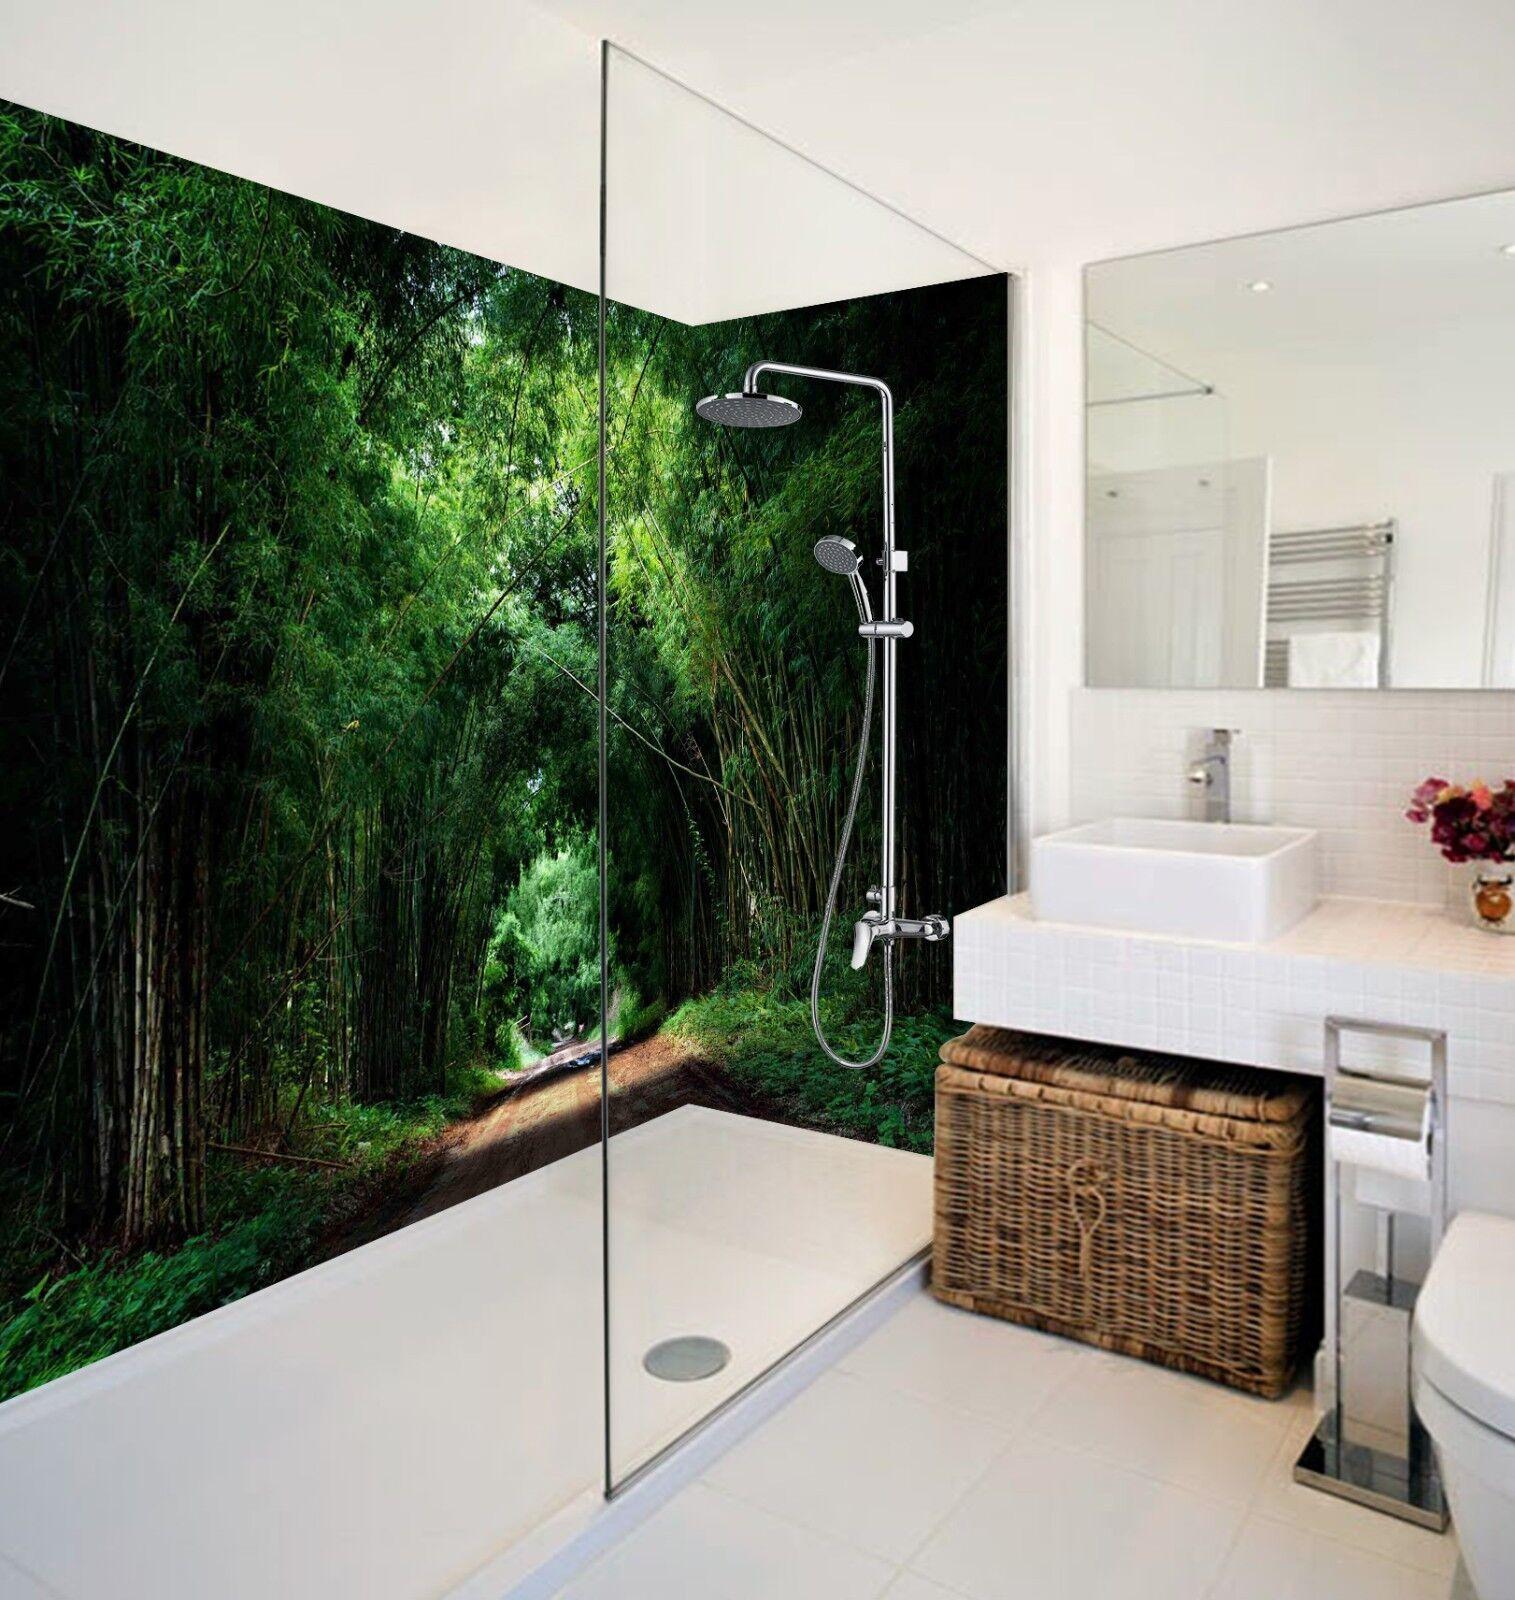 3D Grün jungle 536 WallPaper Bathroom Print Decal Wall Deco AJ WALLPAPER UK